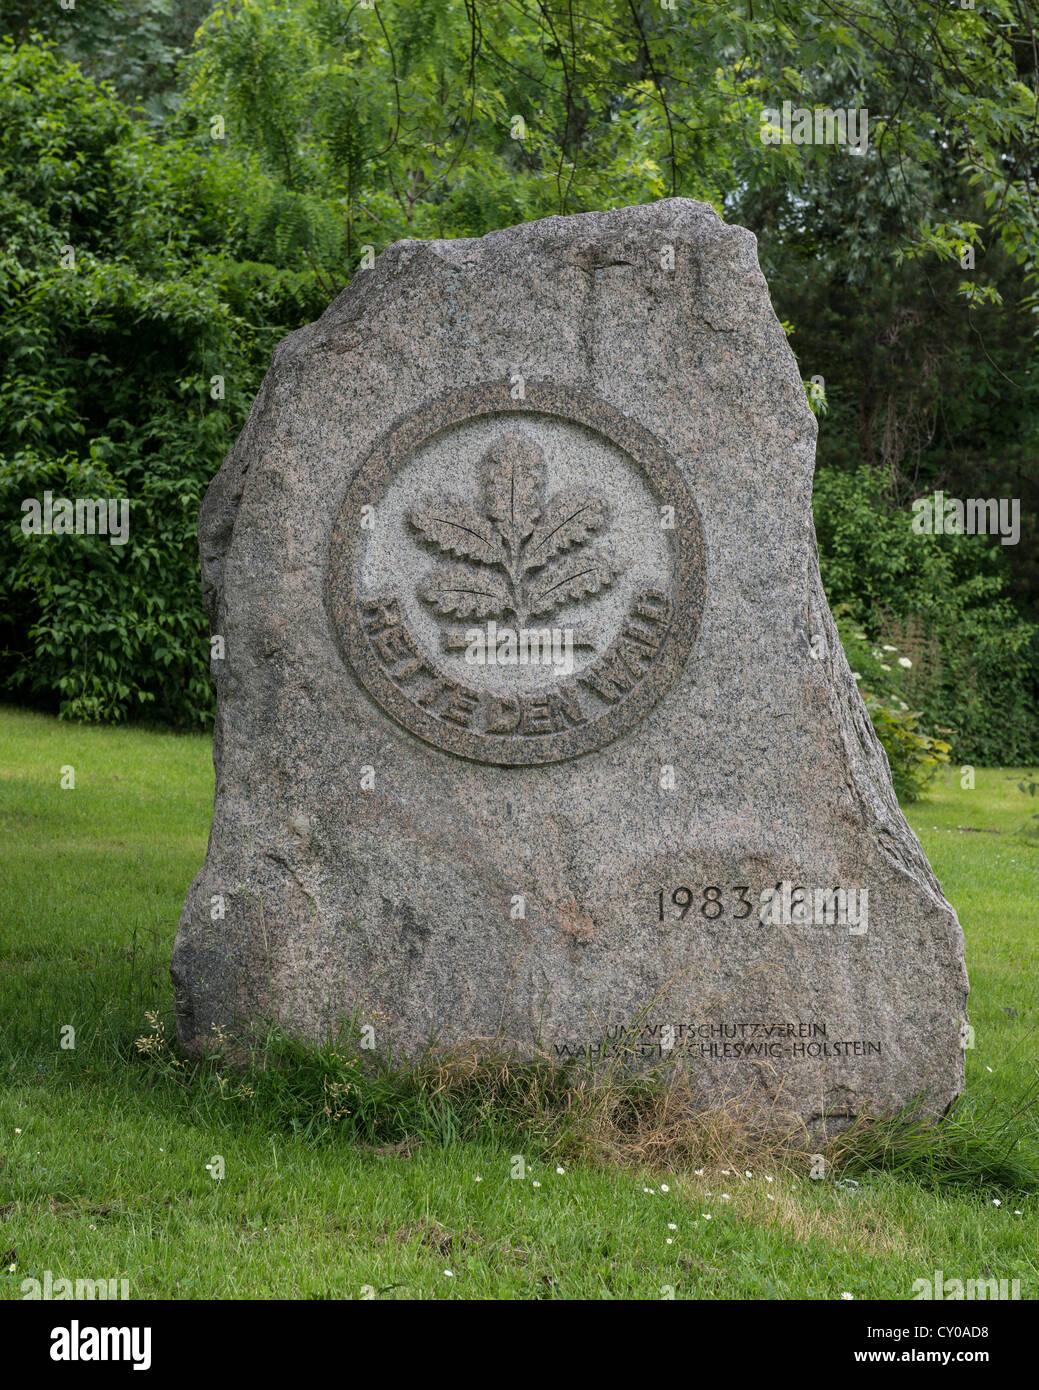 """Stein Relief """"Zusammenpacken Den Wald"""", Deutsch """"Speichern des Waldes"""", Eiche Bäumchen, Stockbild"""